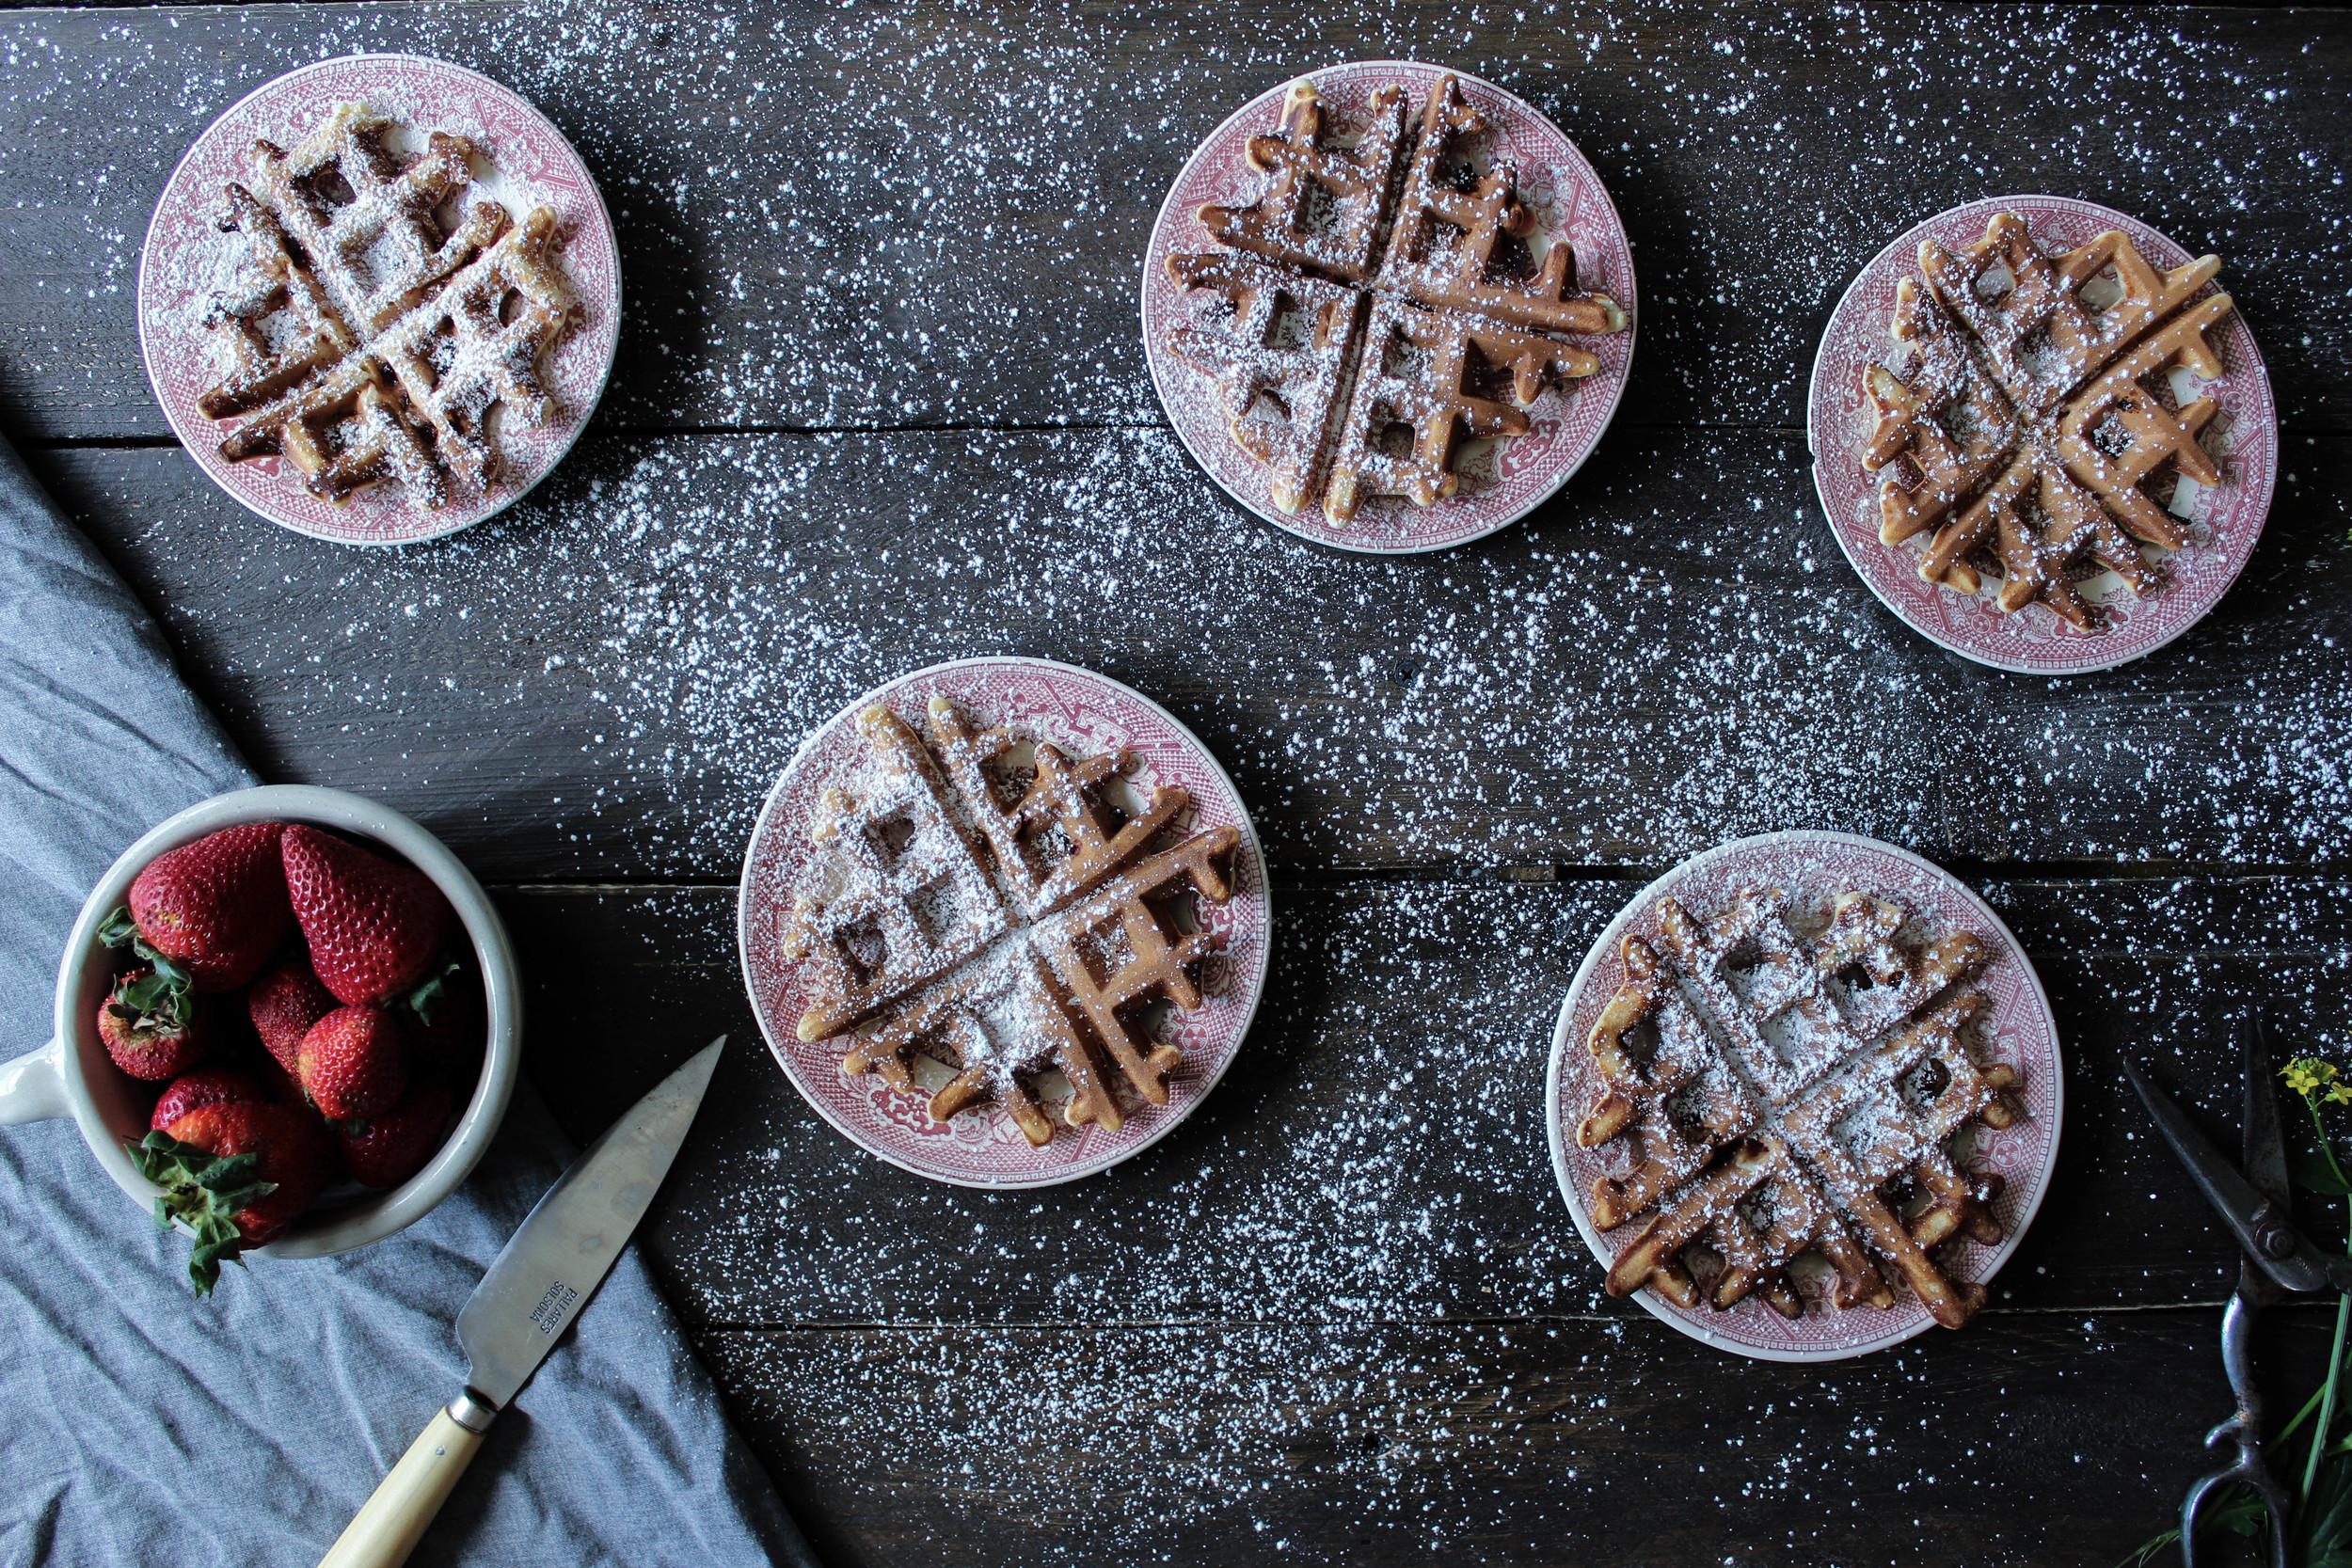 Cornmeal Ricotta Strawberry Waffles